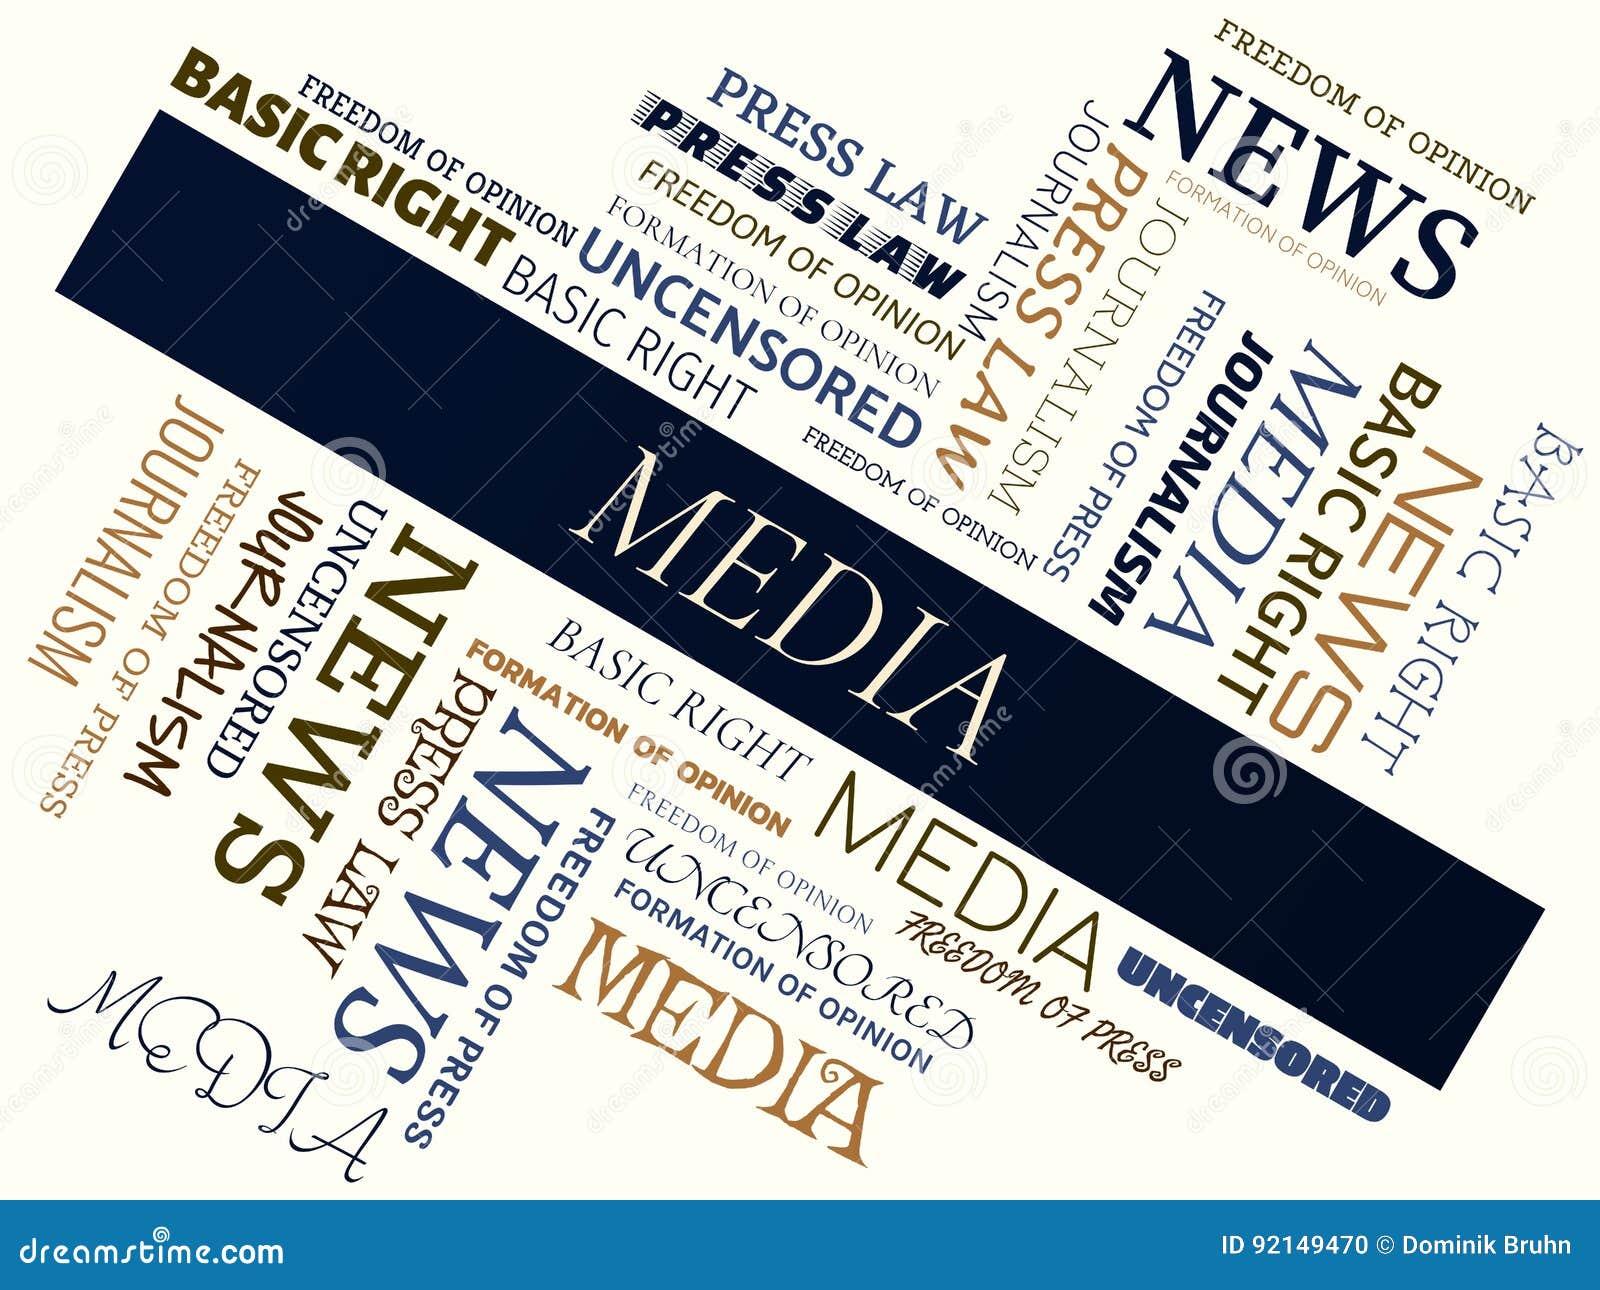 MEDIEN - Wortwolke - MEDIEN - Wortwolke - JOURNALISMUS - JOURNALISMUS -  Wortwolke - FREIHEIT DER